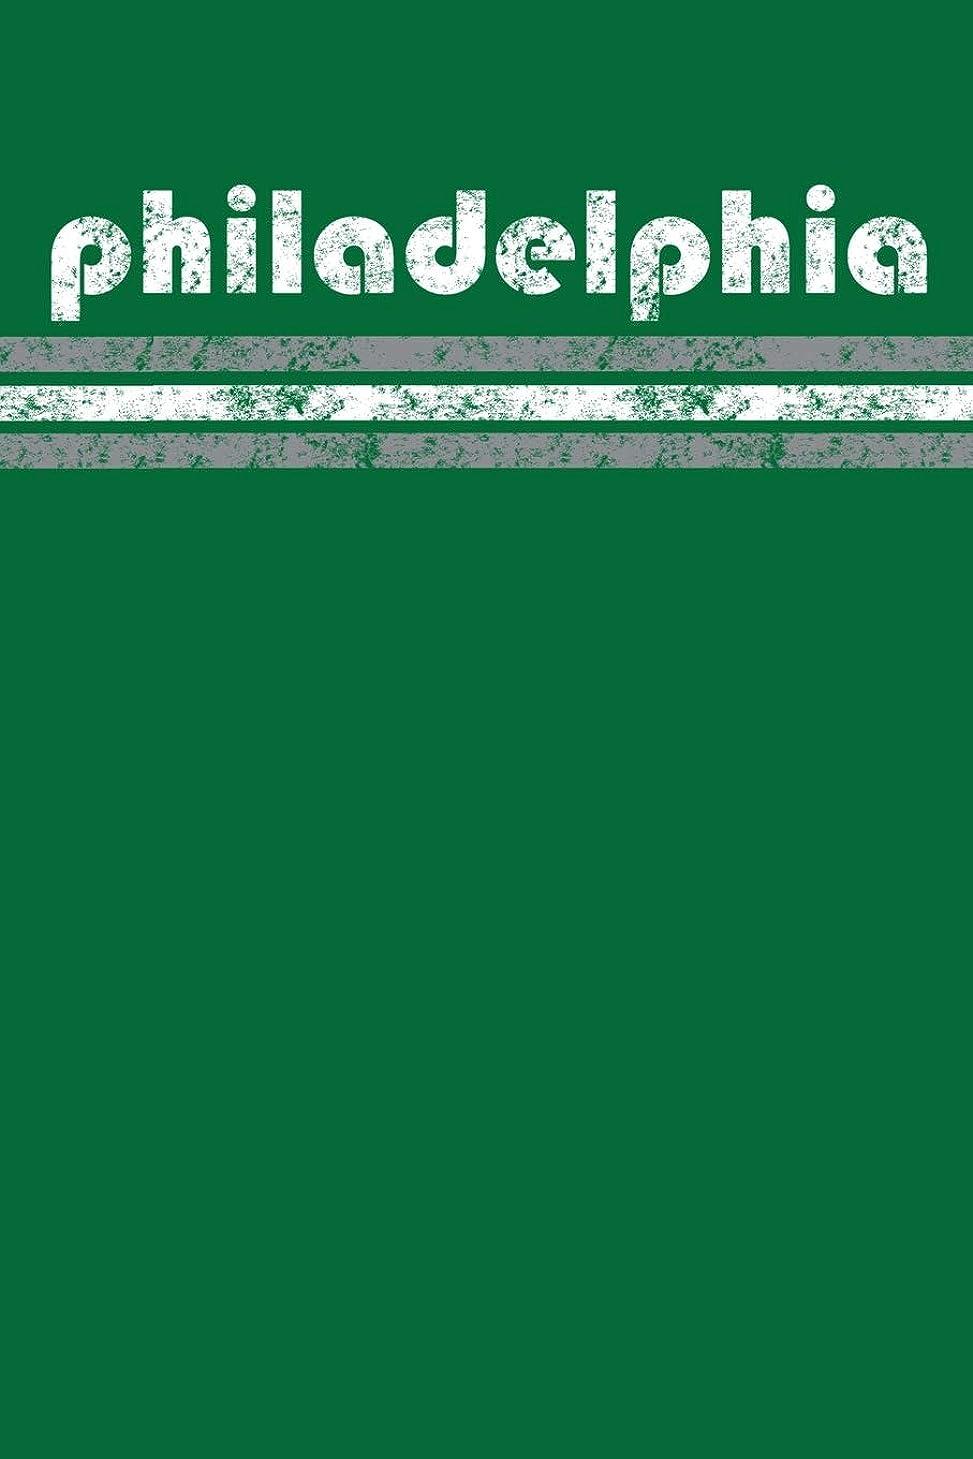 インポート自由胃Philadelphia: Pennsylvania Journal Planner Retro Vintage Weathered 90 Pages Green